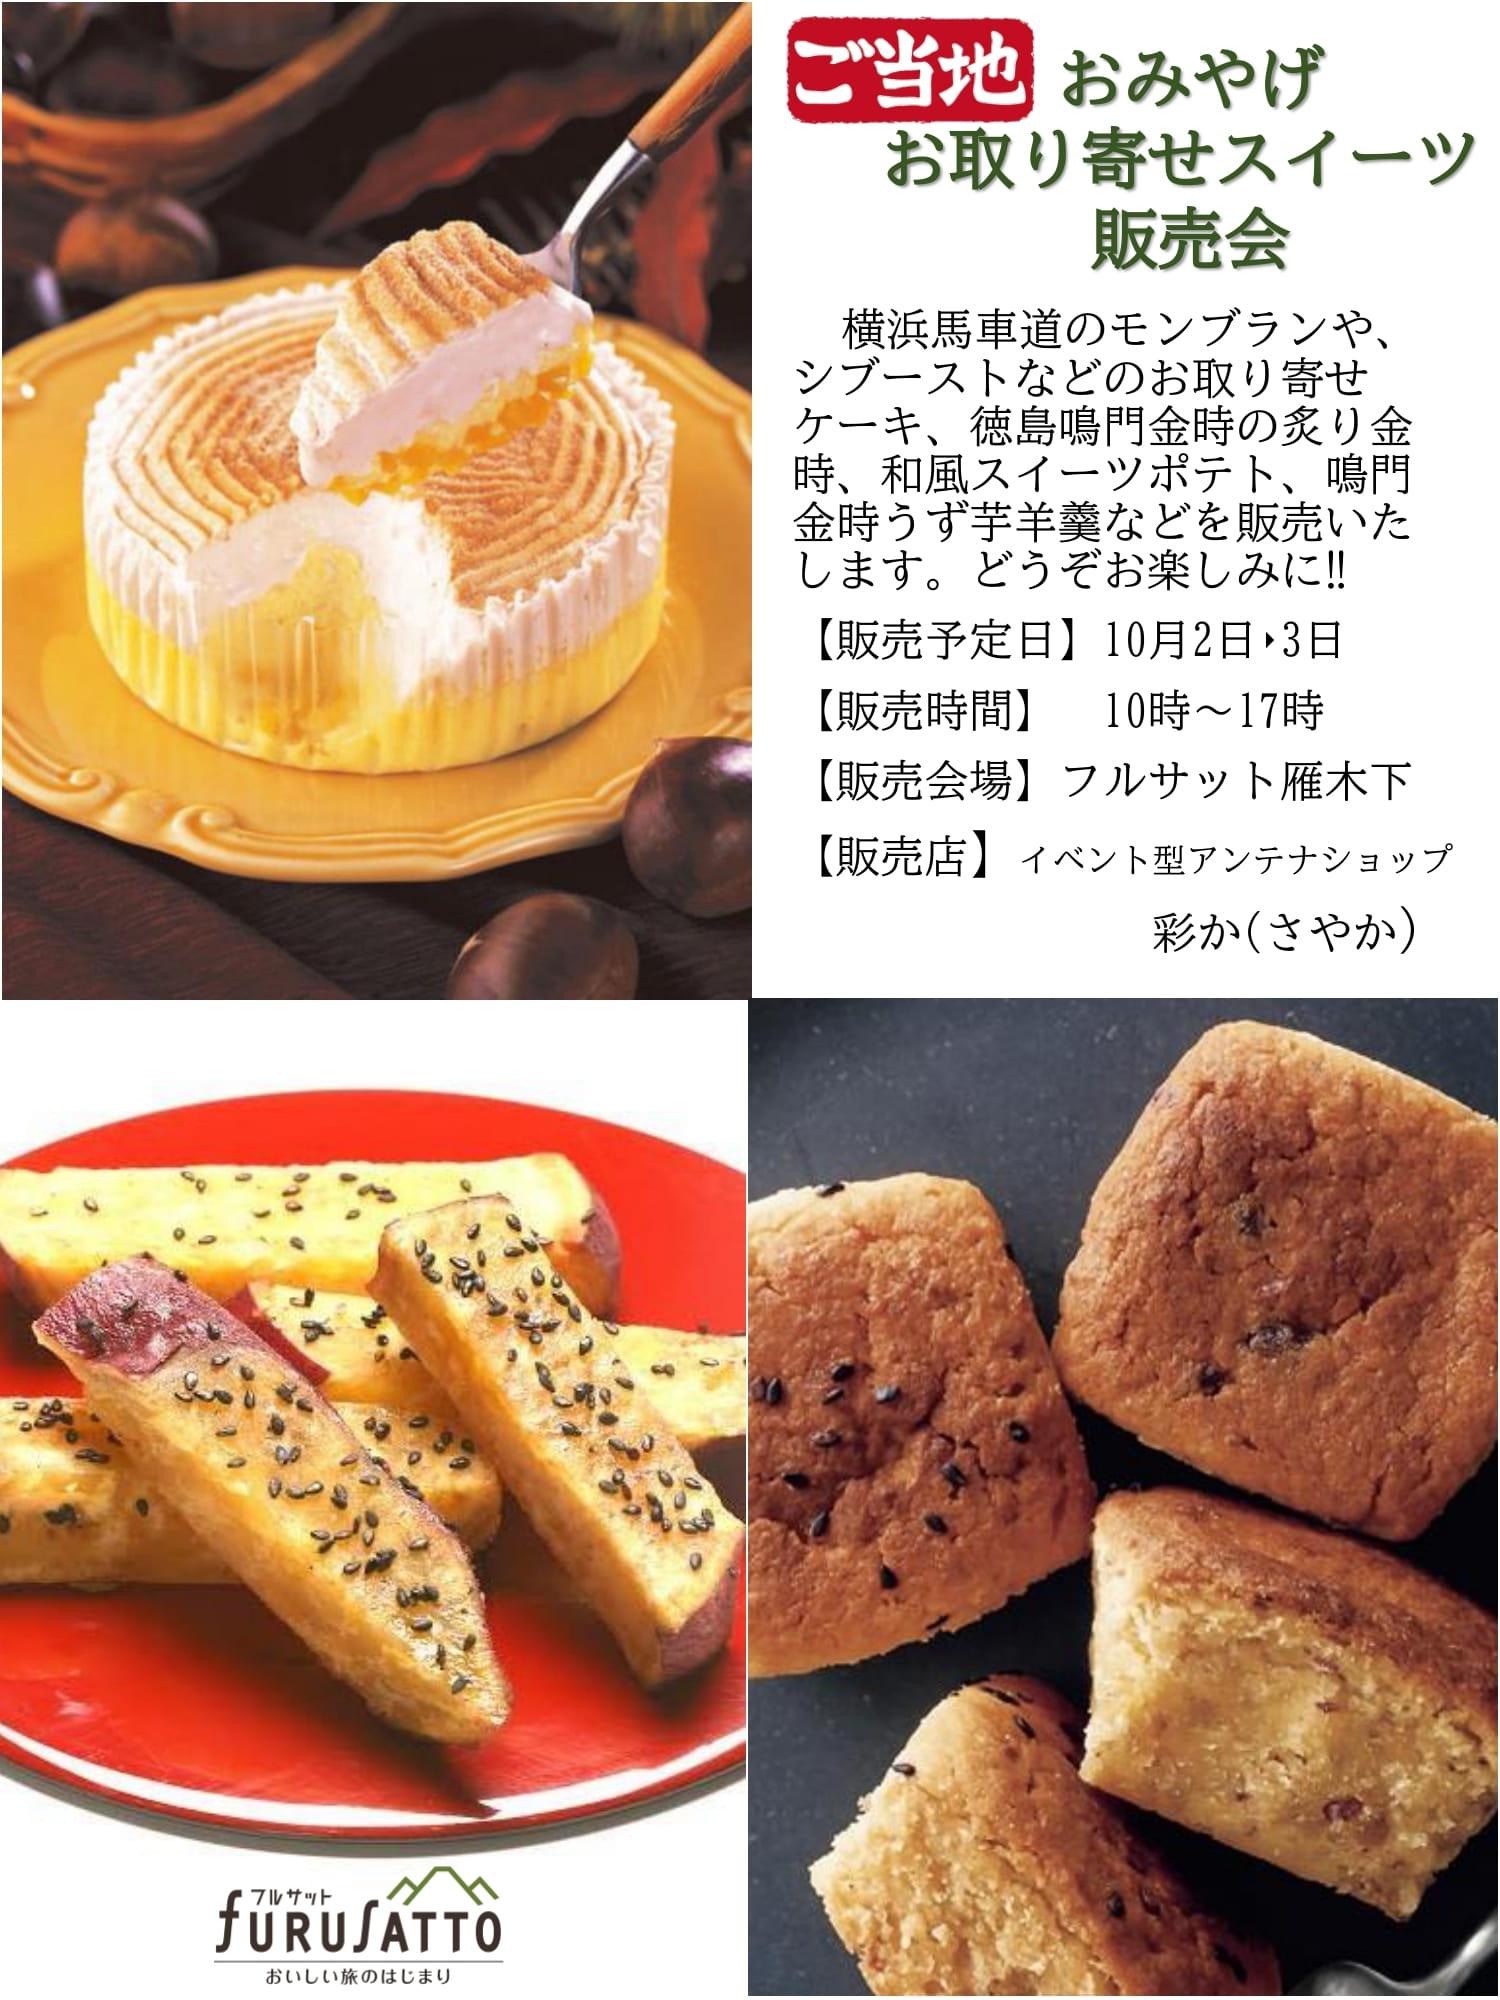 【フルサット】10.2-3イベントチラシ-1